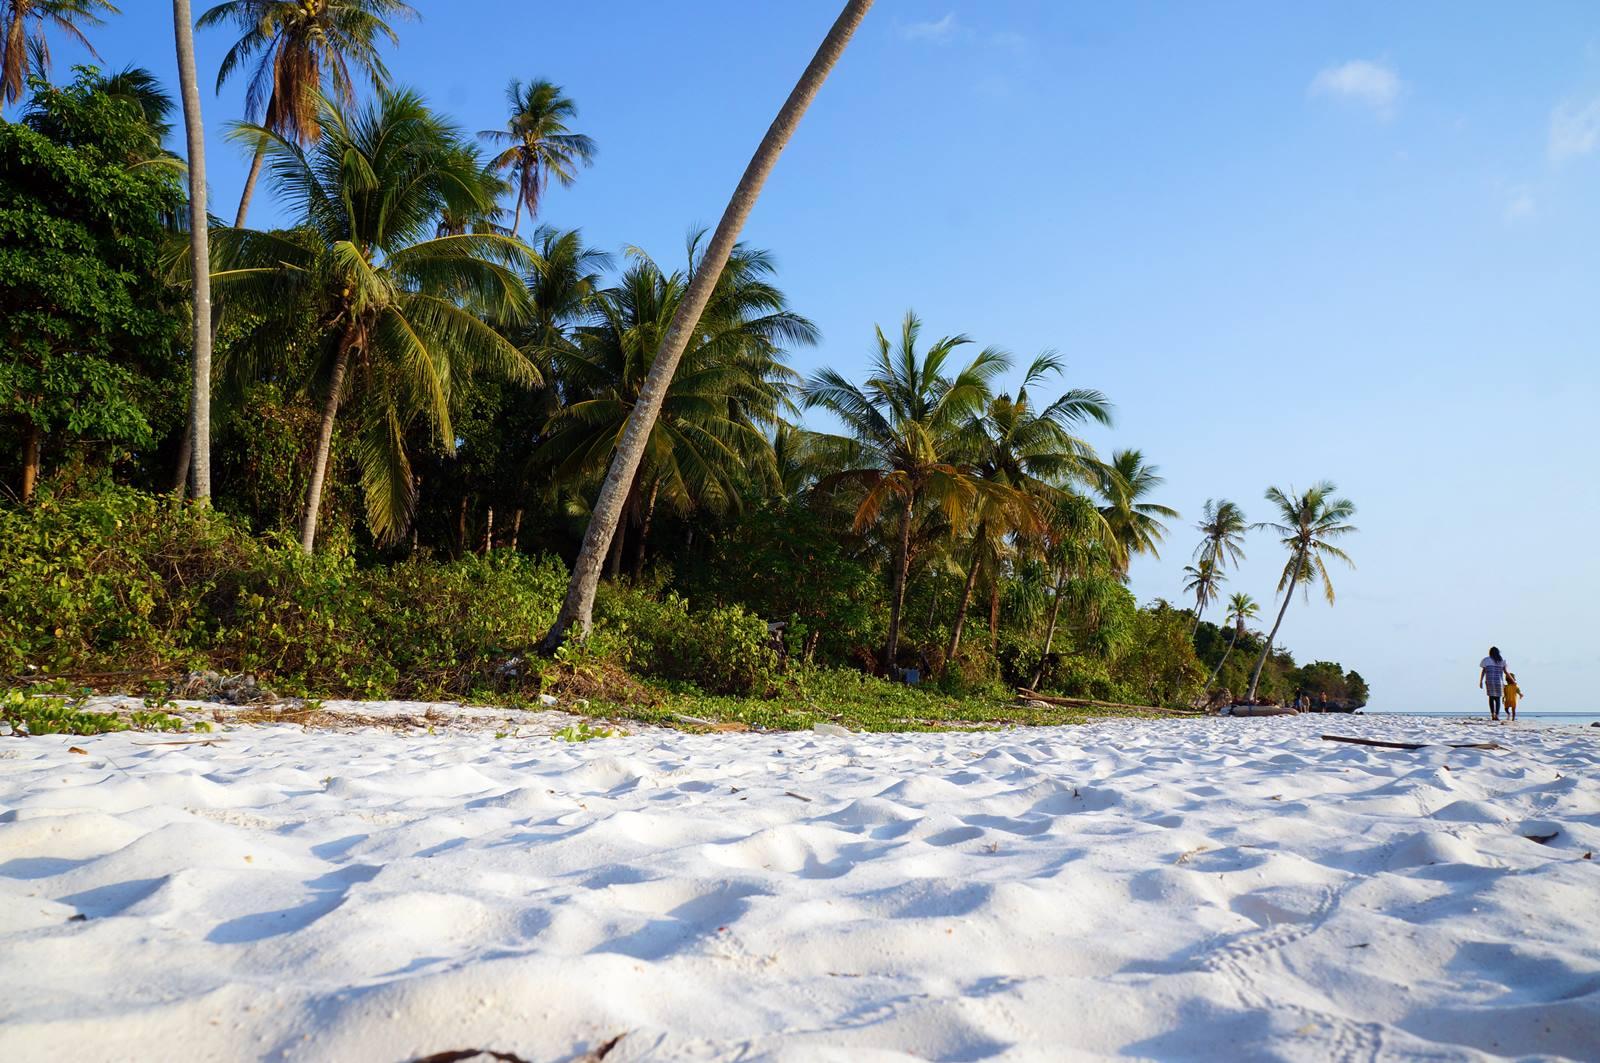 Setidaknya, Meskipun Sekali Seumur Hidup, Berkunjunglah Ke Pantai Pasir Putih Indonesia Yang Menawan ini!